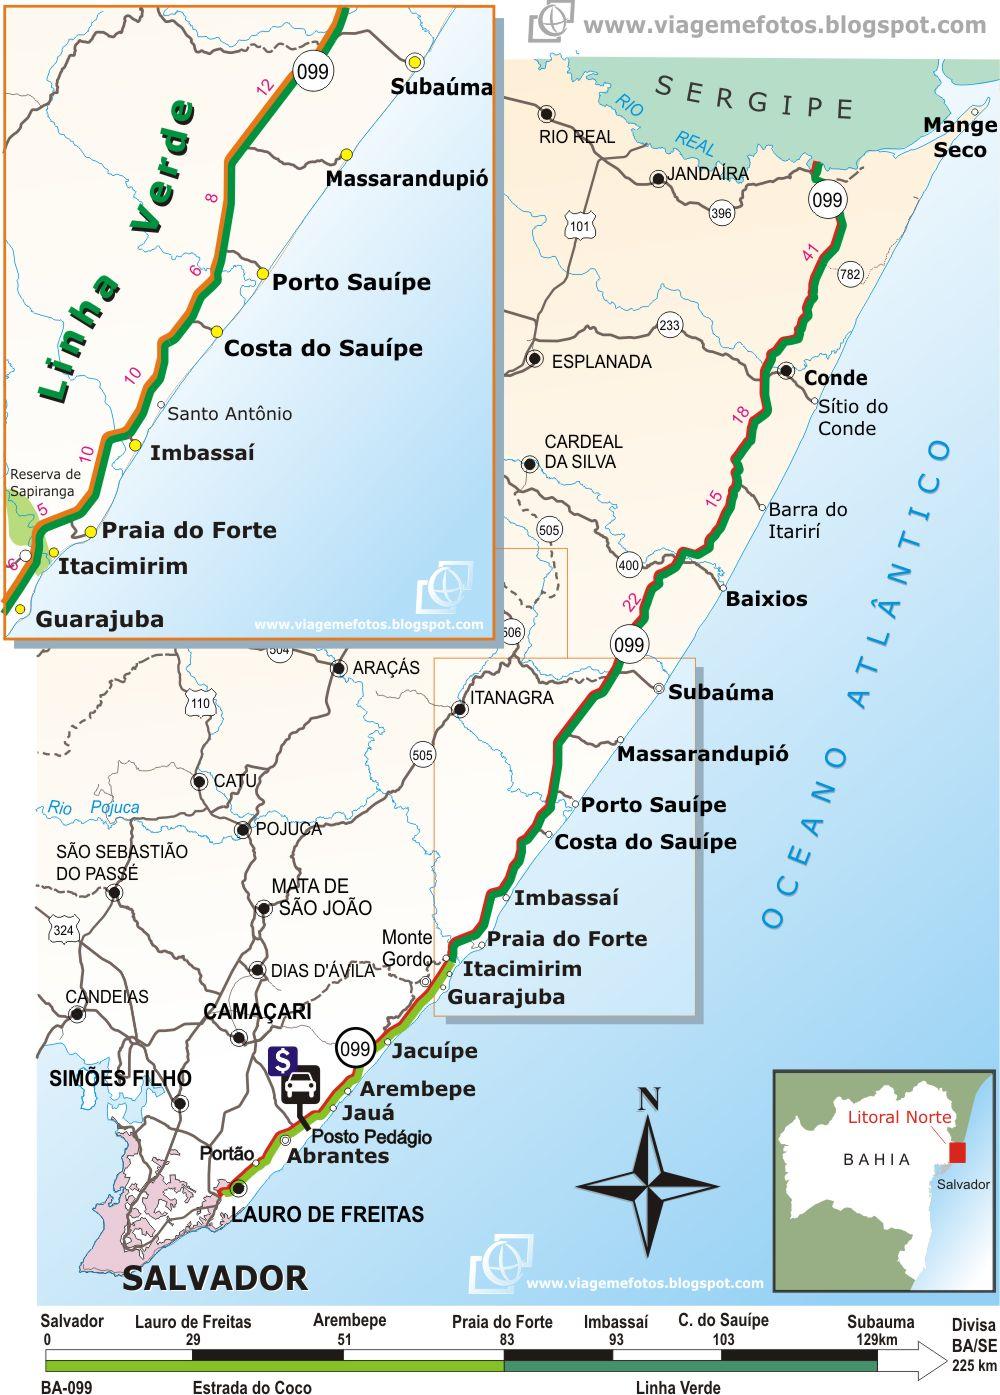 praia verde mapa Viagem e Fotos: Mapa Roteiro Linha Verde – Estrada do Coco praia verde mapa